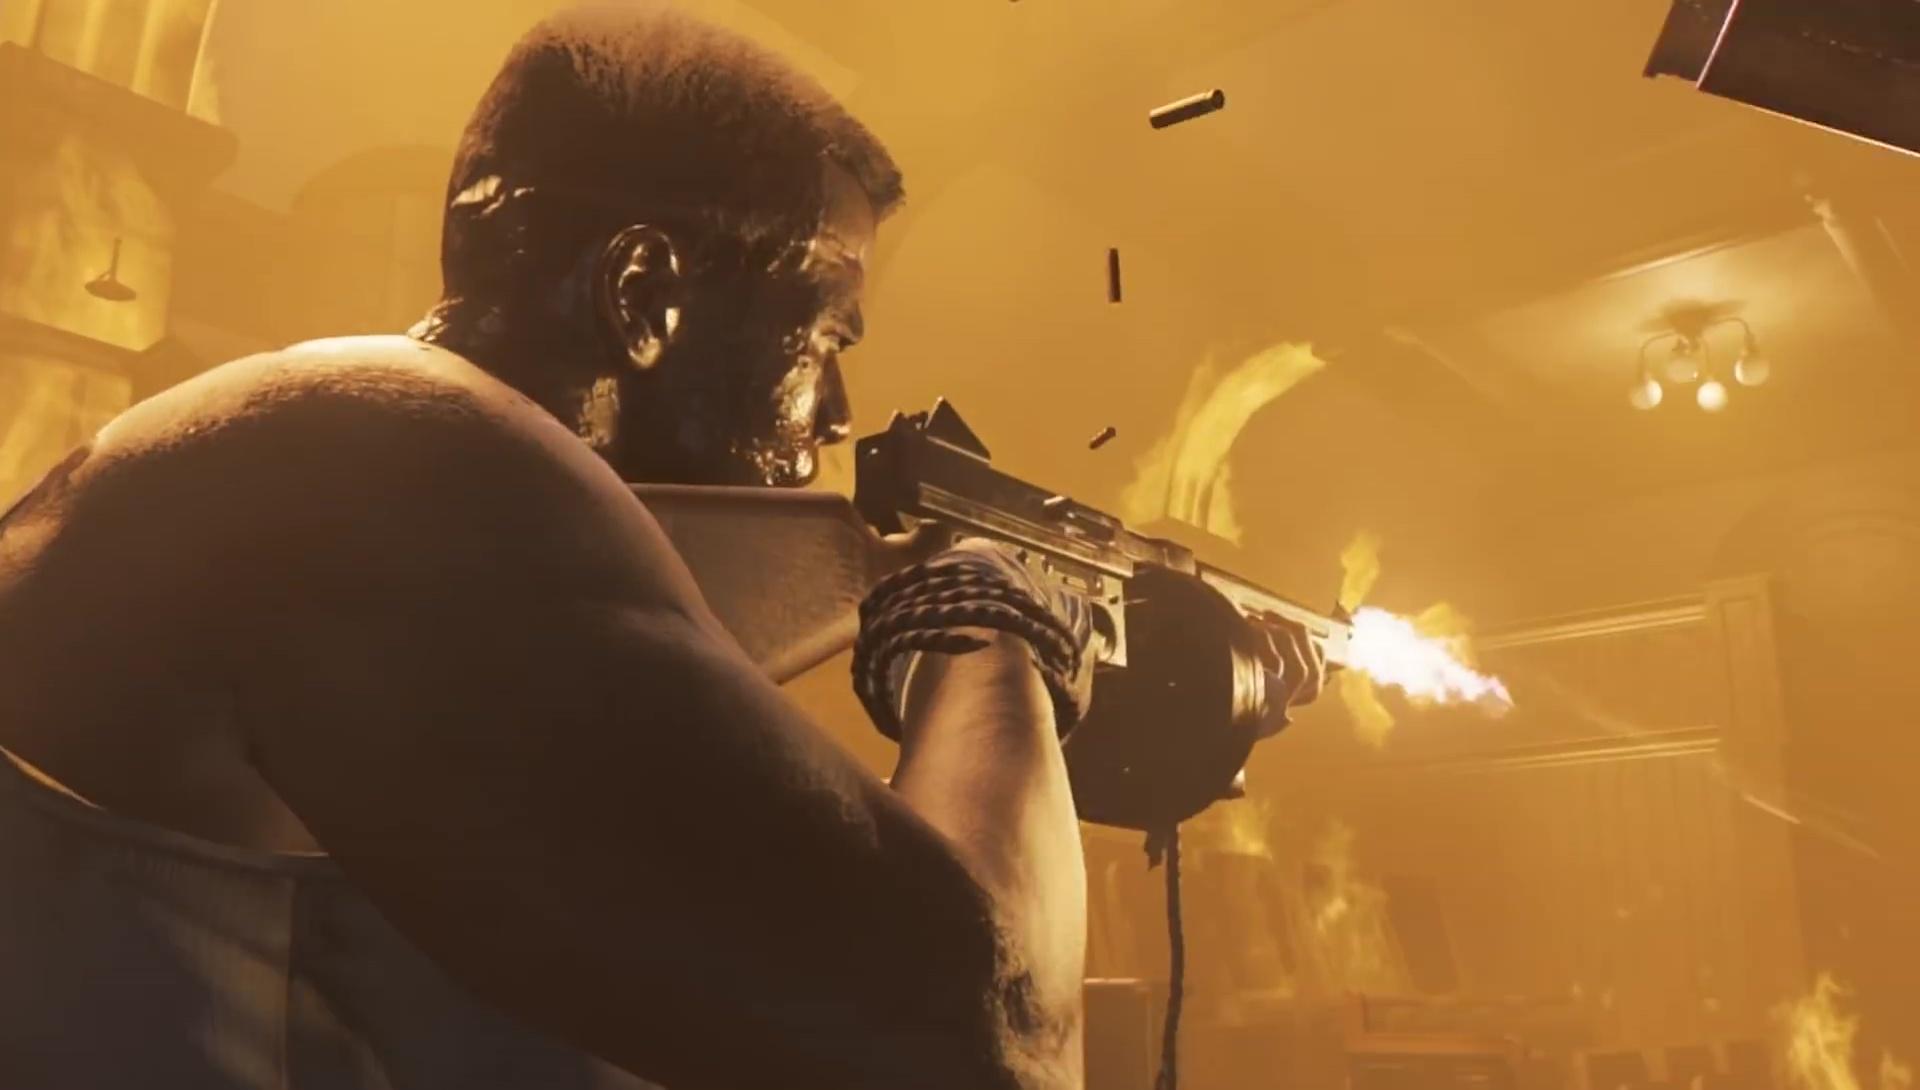 Automatic Rifles Mafia 3